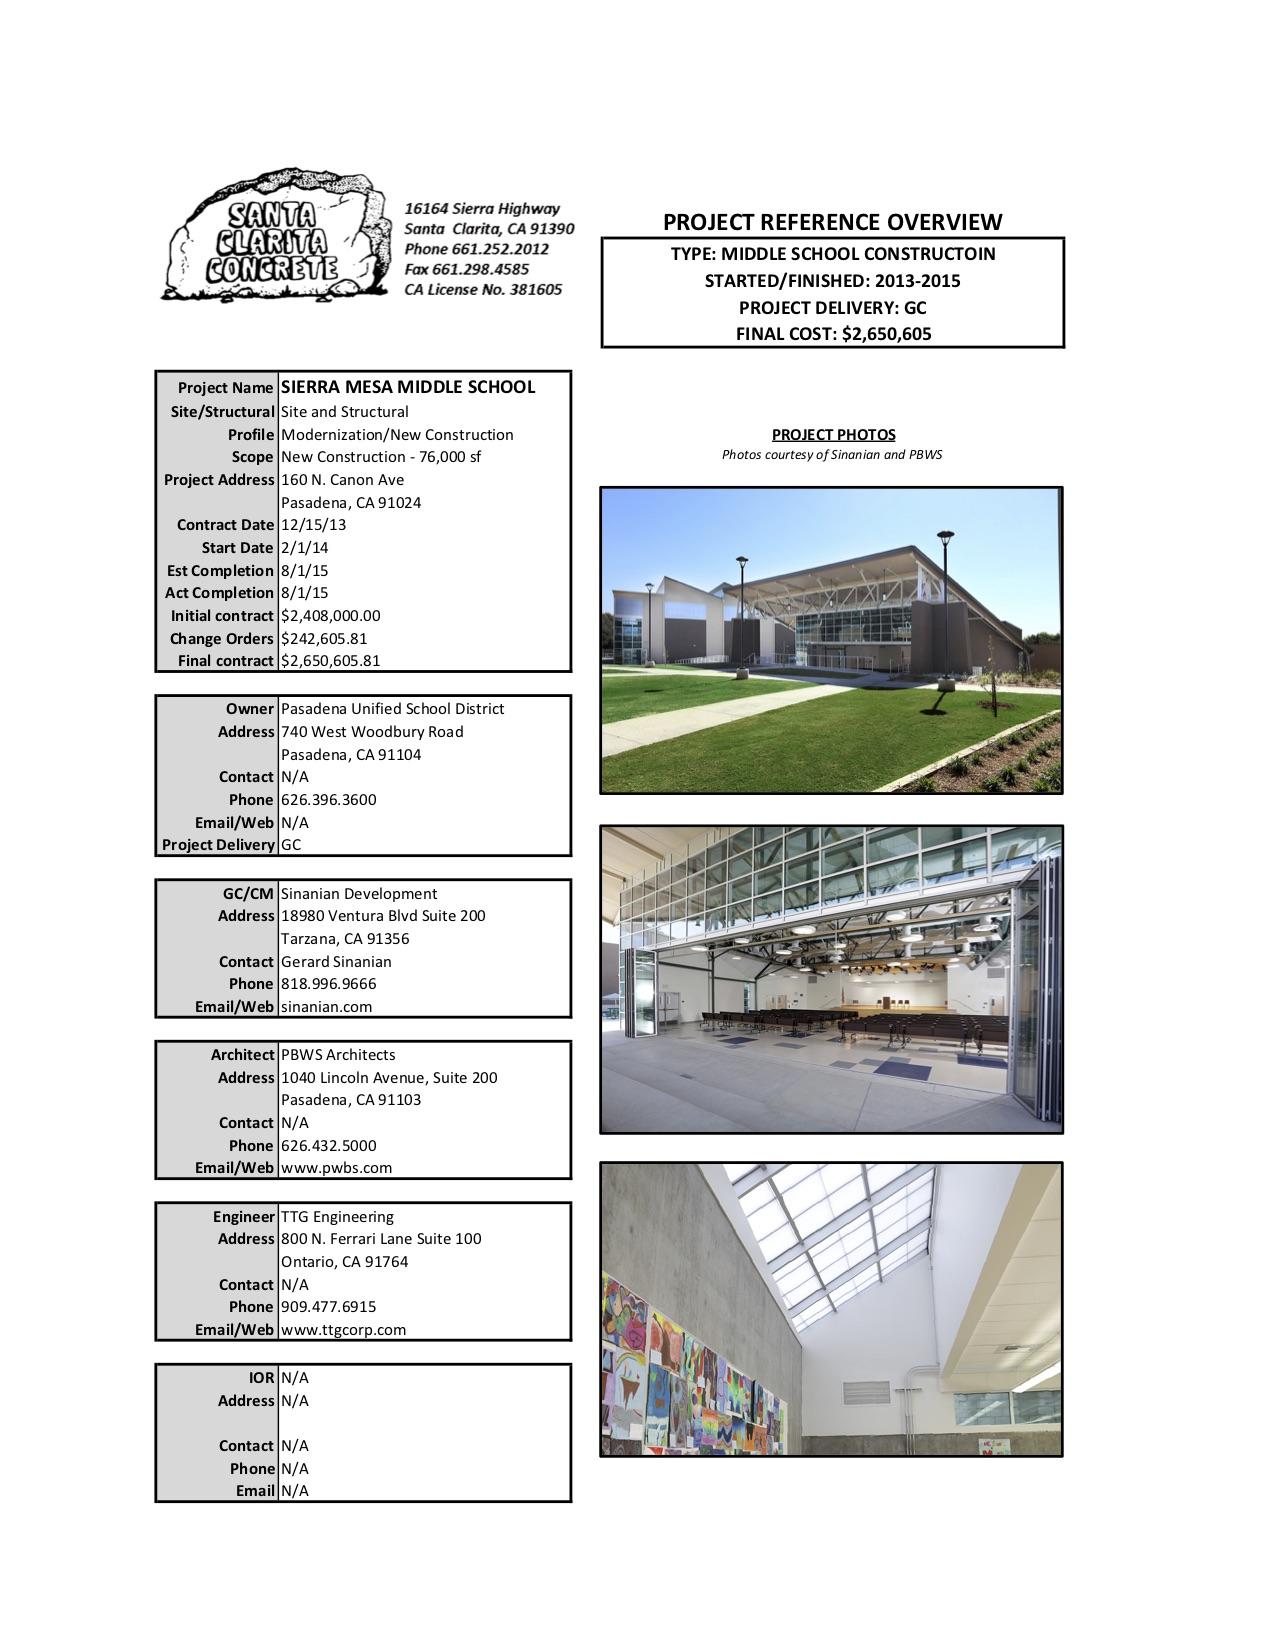 SMMS job sheet.jpg